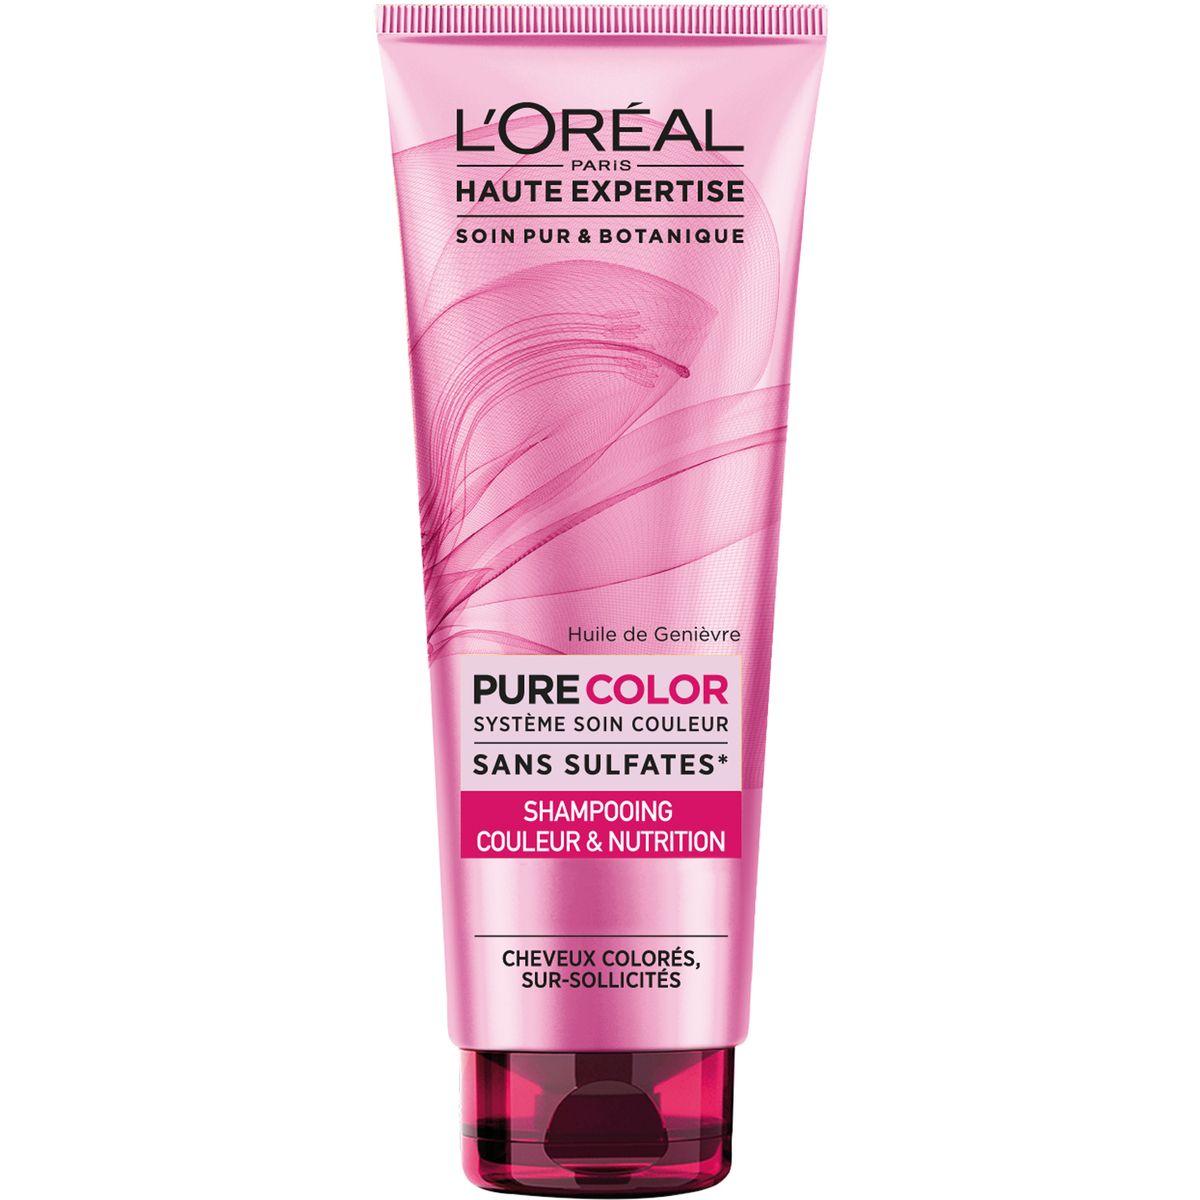 L'Oréal shampooing couleur et nutrition 250ml